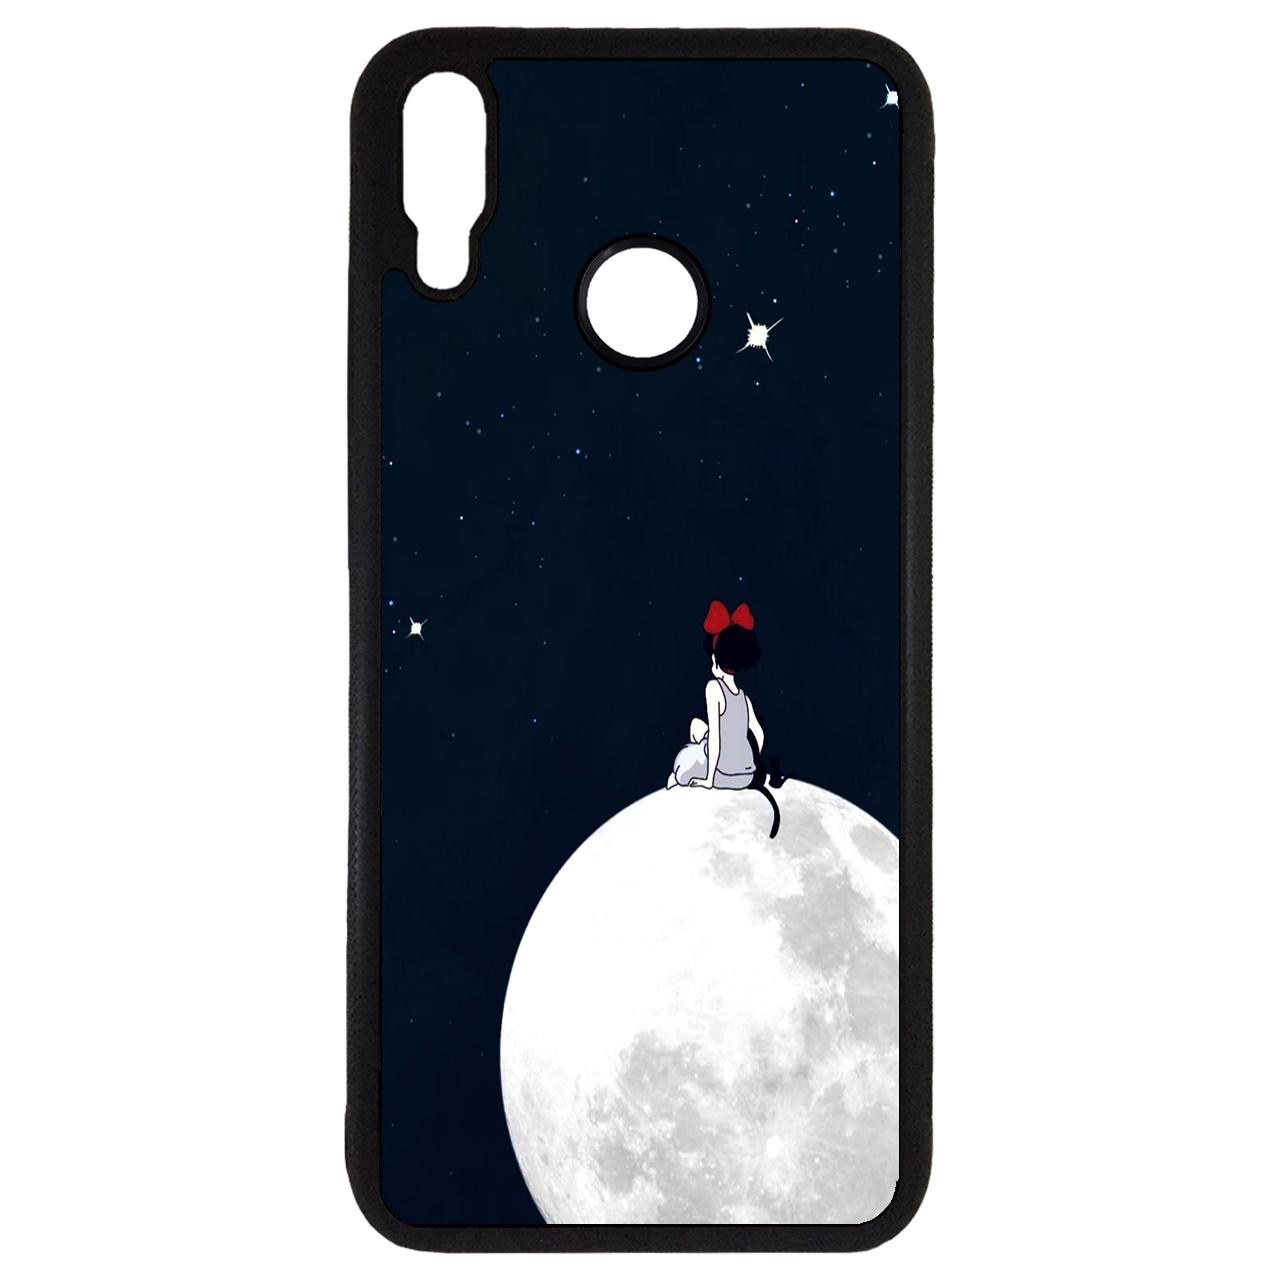 کاور طرح دختر کد 11050646 مناسب برای گوشی موبایل هوآوی y9 2019